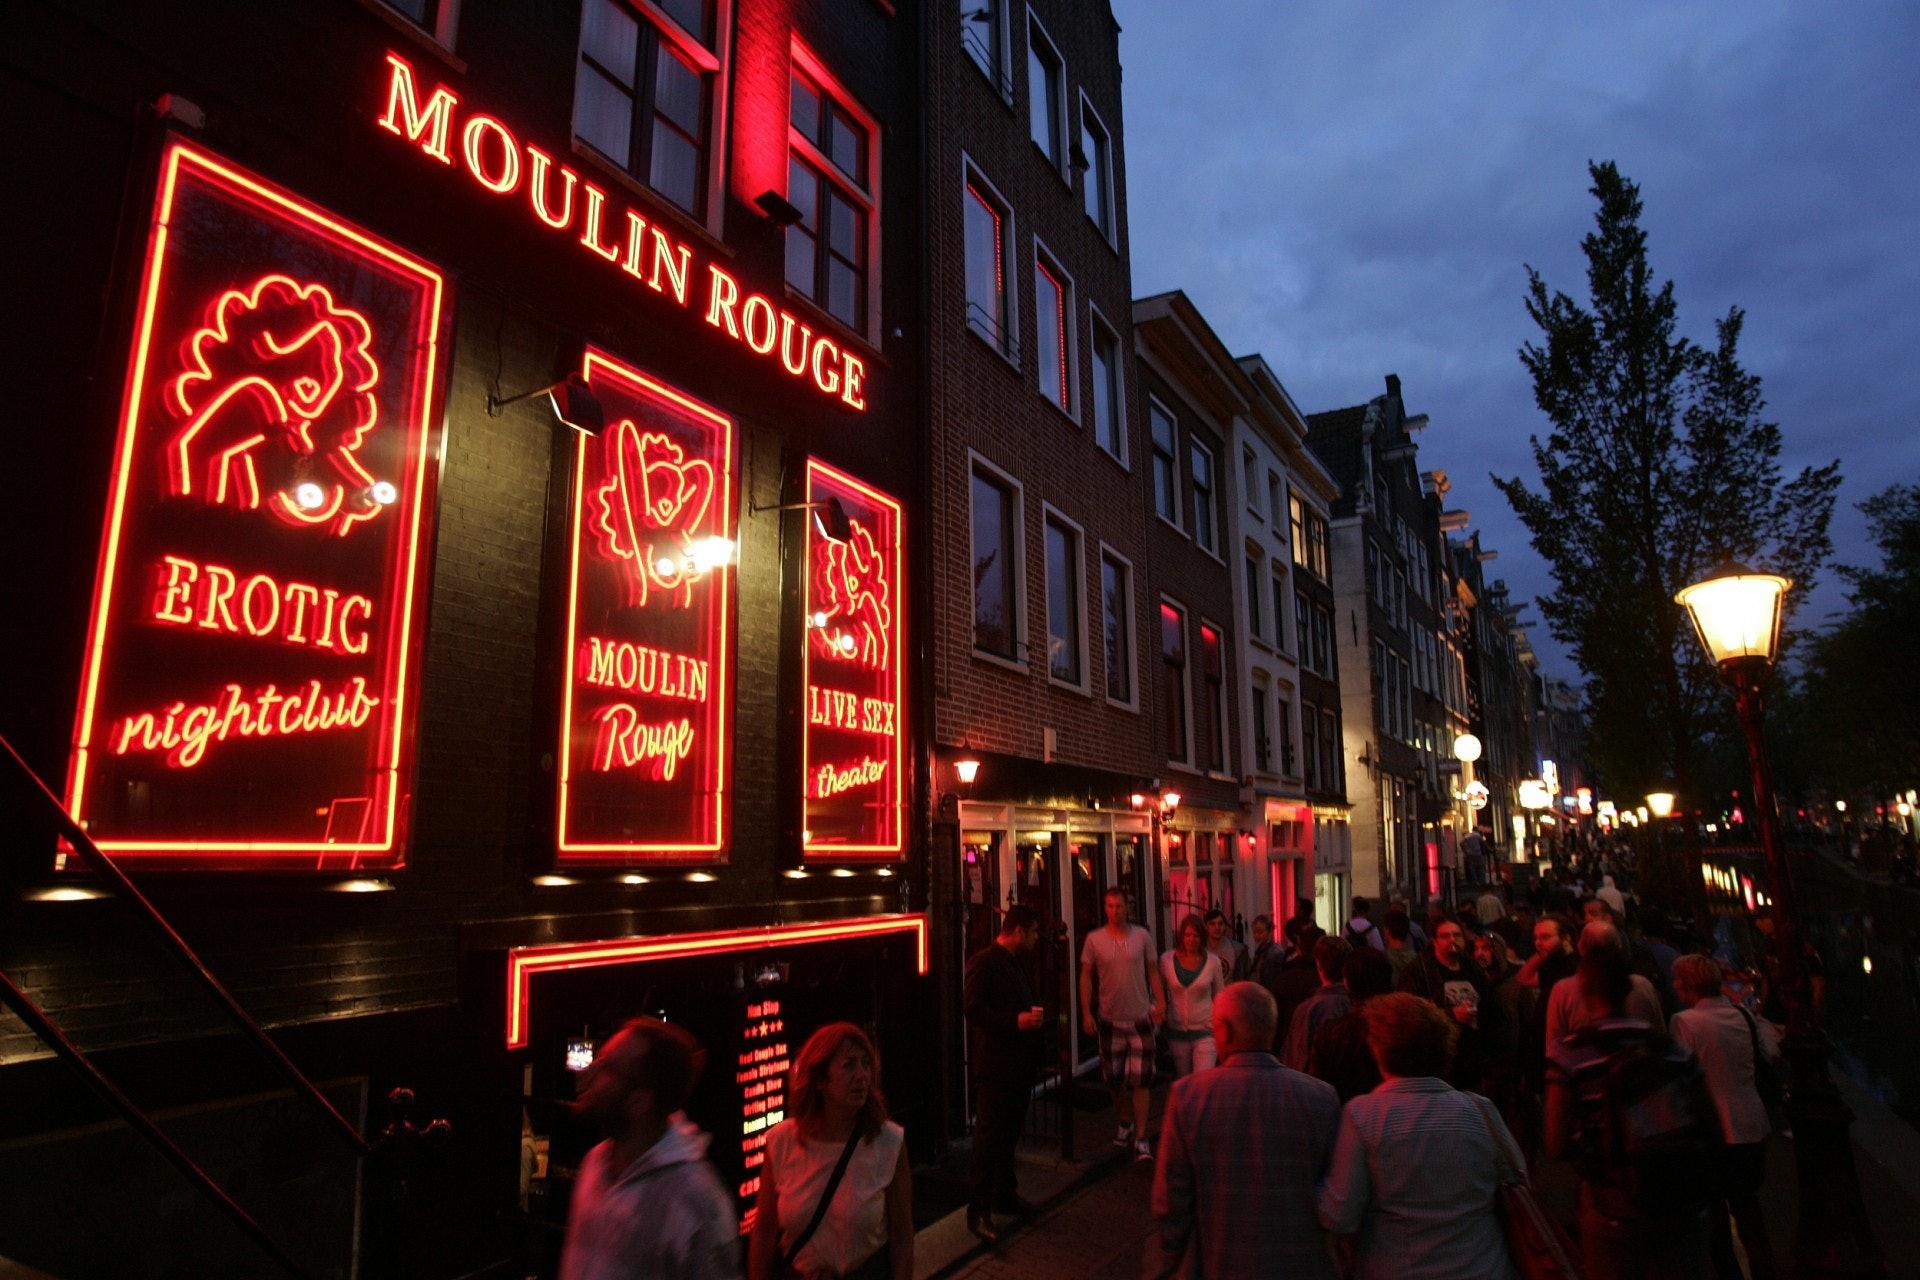 荷蘭在2000年將賣淫合法化,以打擊人口販賣和扯皮條,然而時至今日,還有女性被綁架販賣到這裏工作。(視覺中國)